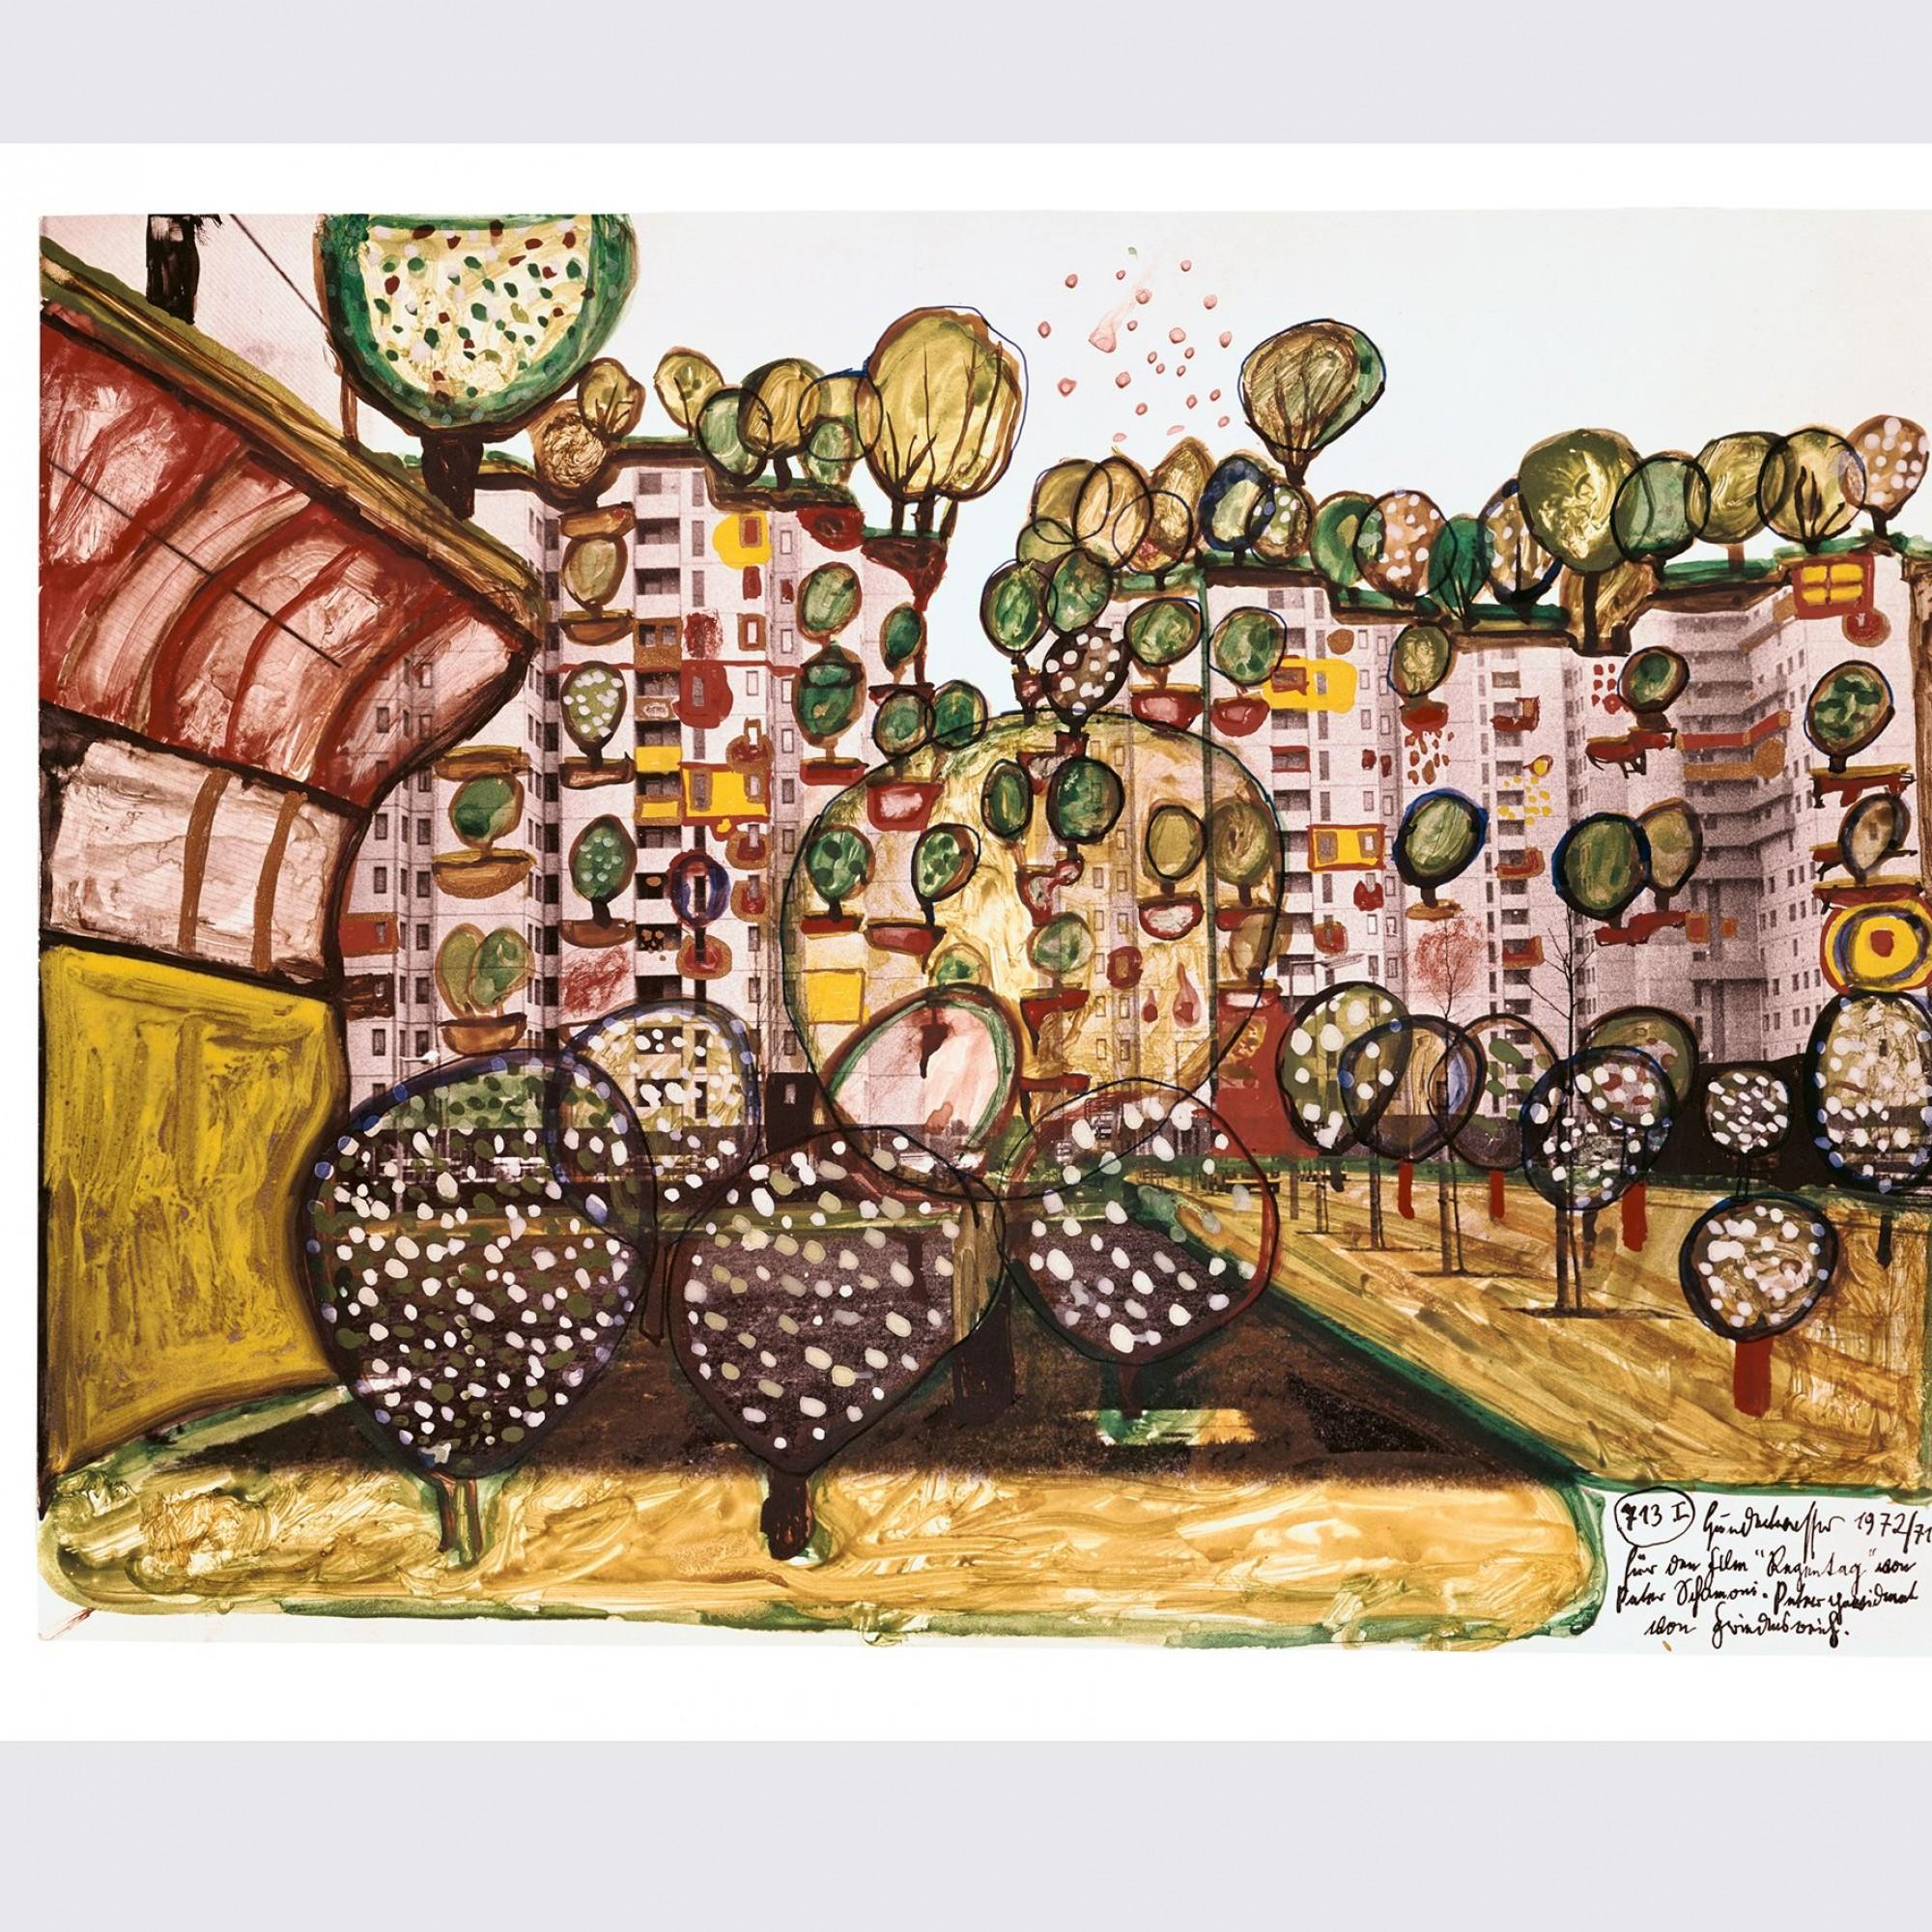 «Wohnhäuser – Architektur-Heilvorschlag», 1971–1972, Friedensreich Hundertwasser